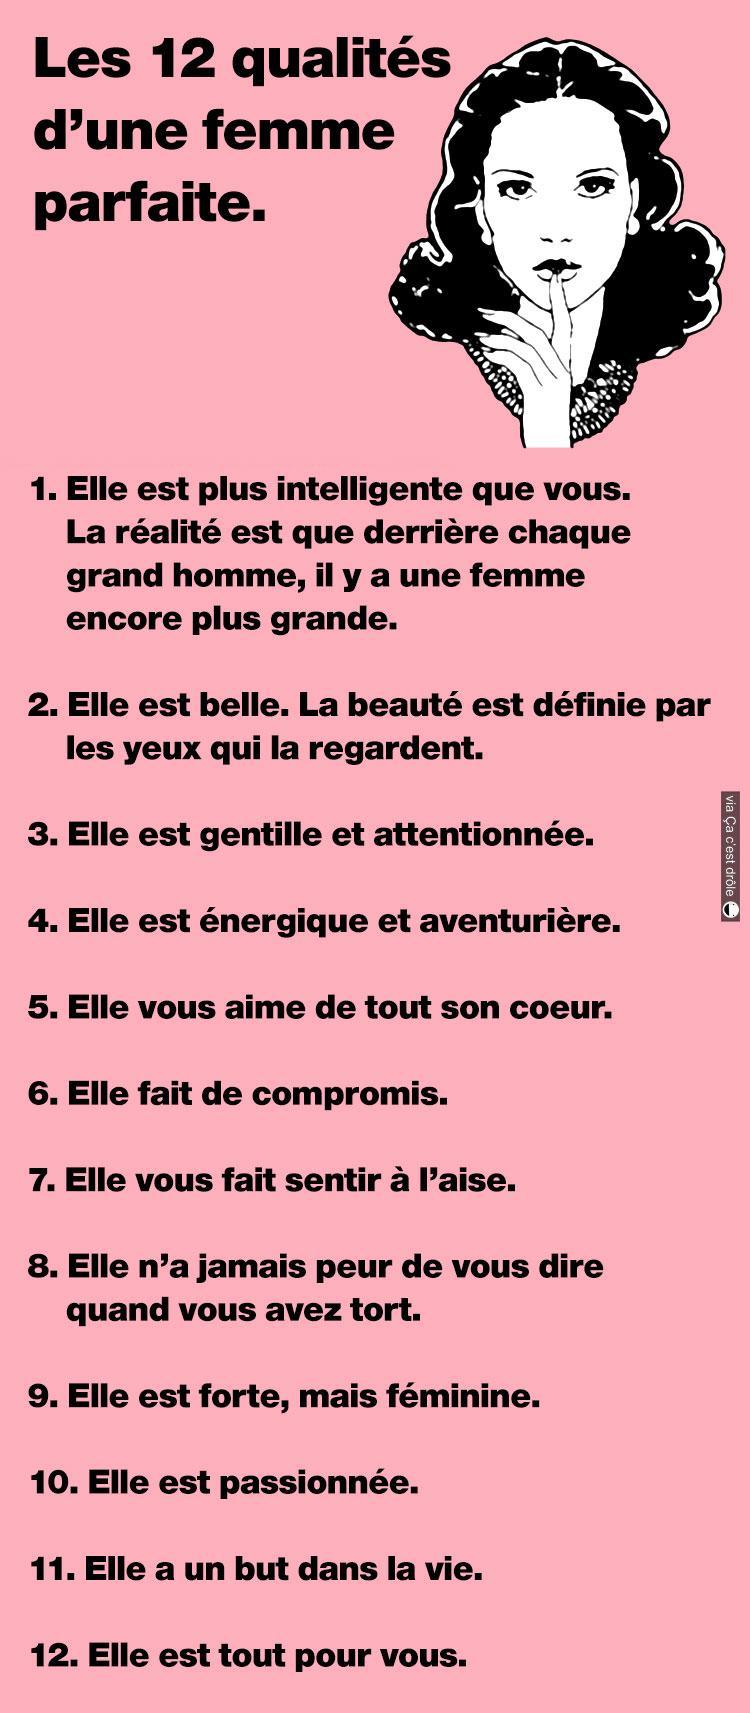 Les 12 qualités de la femme parfaite